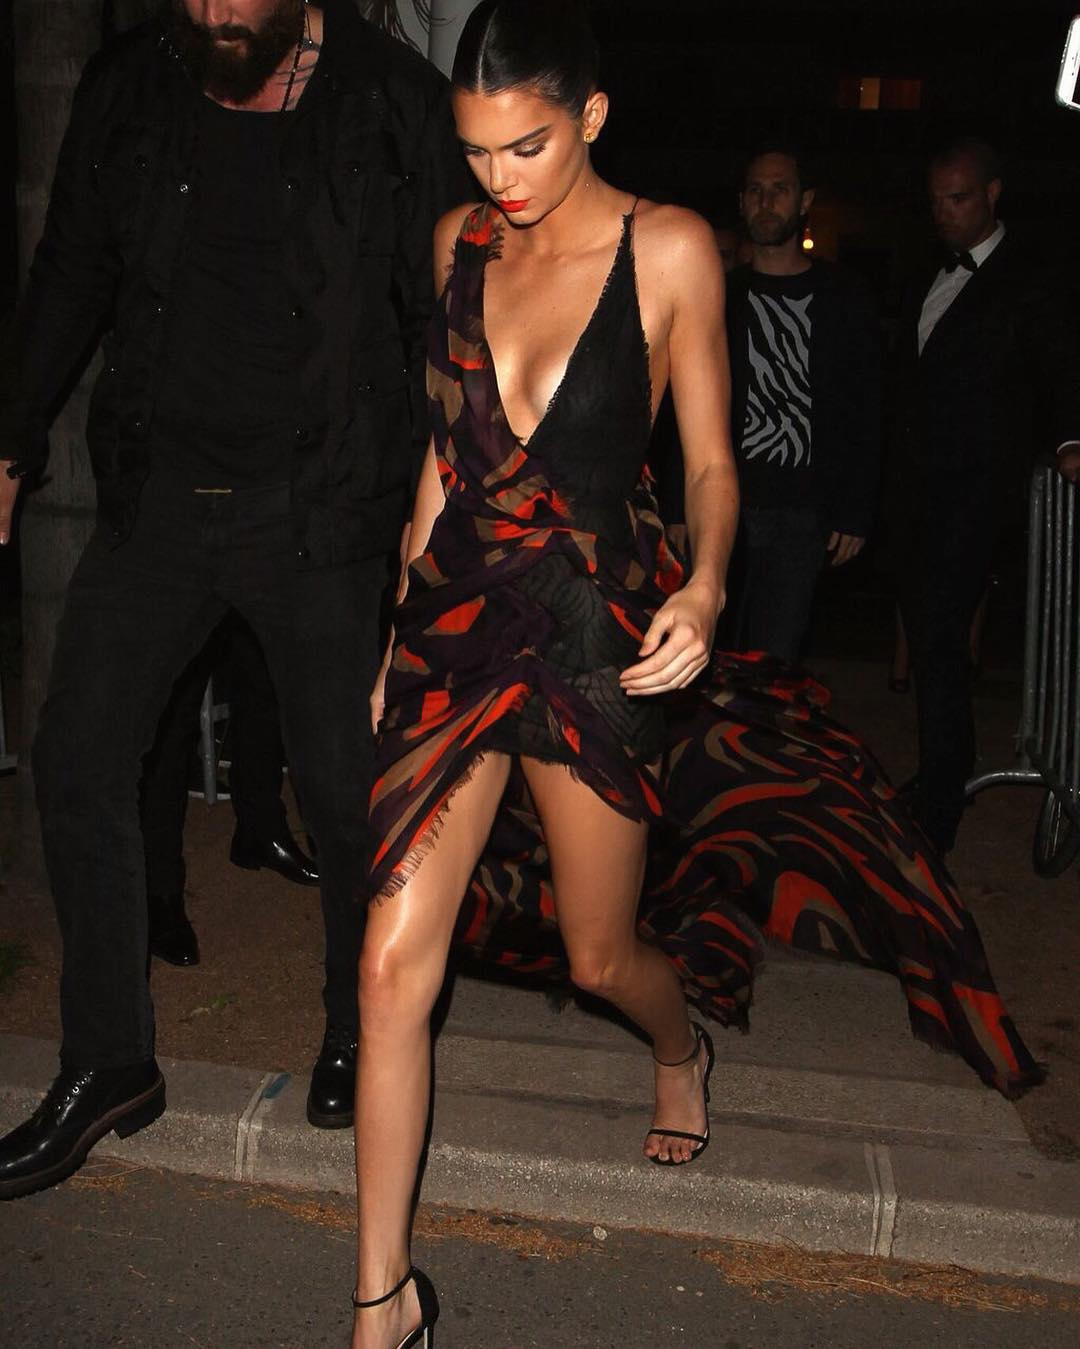 Güzel model Kendall Jenner sexy derin göğüs dekolteli elbisesi ile yürekleri ağza getirtti. HD foto galeriyi görüntülemek için buraya tıklayın.